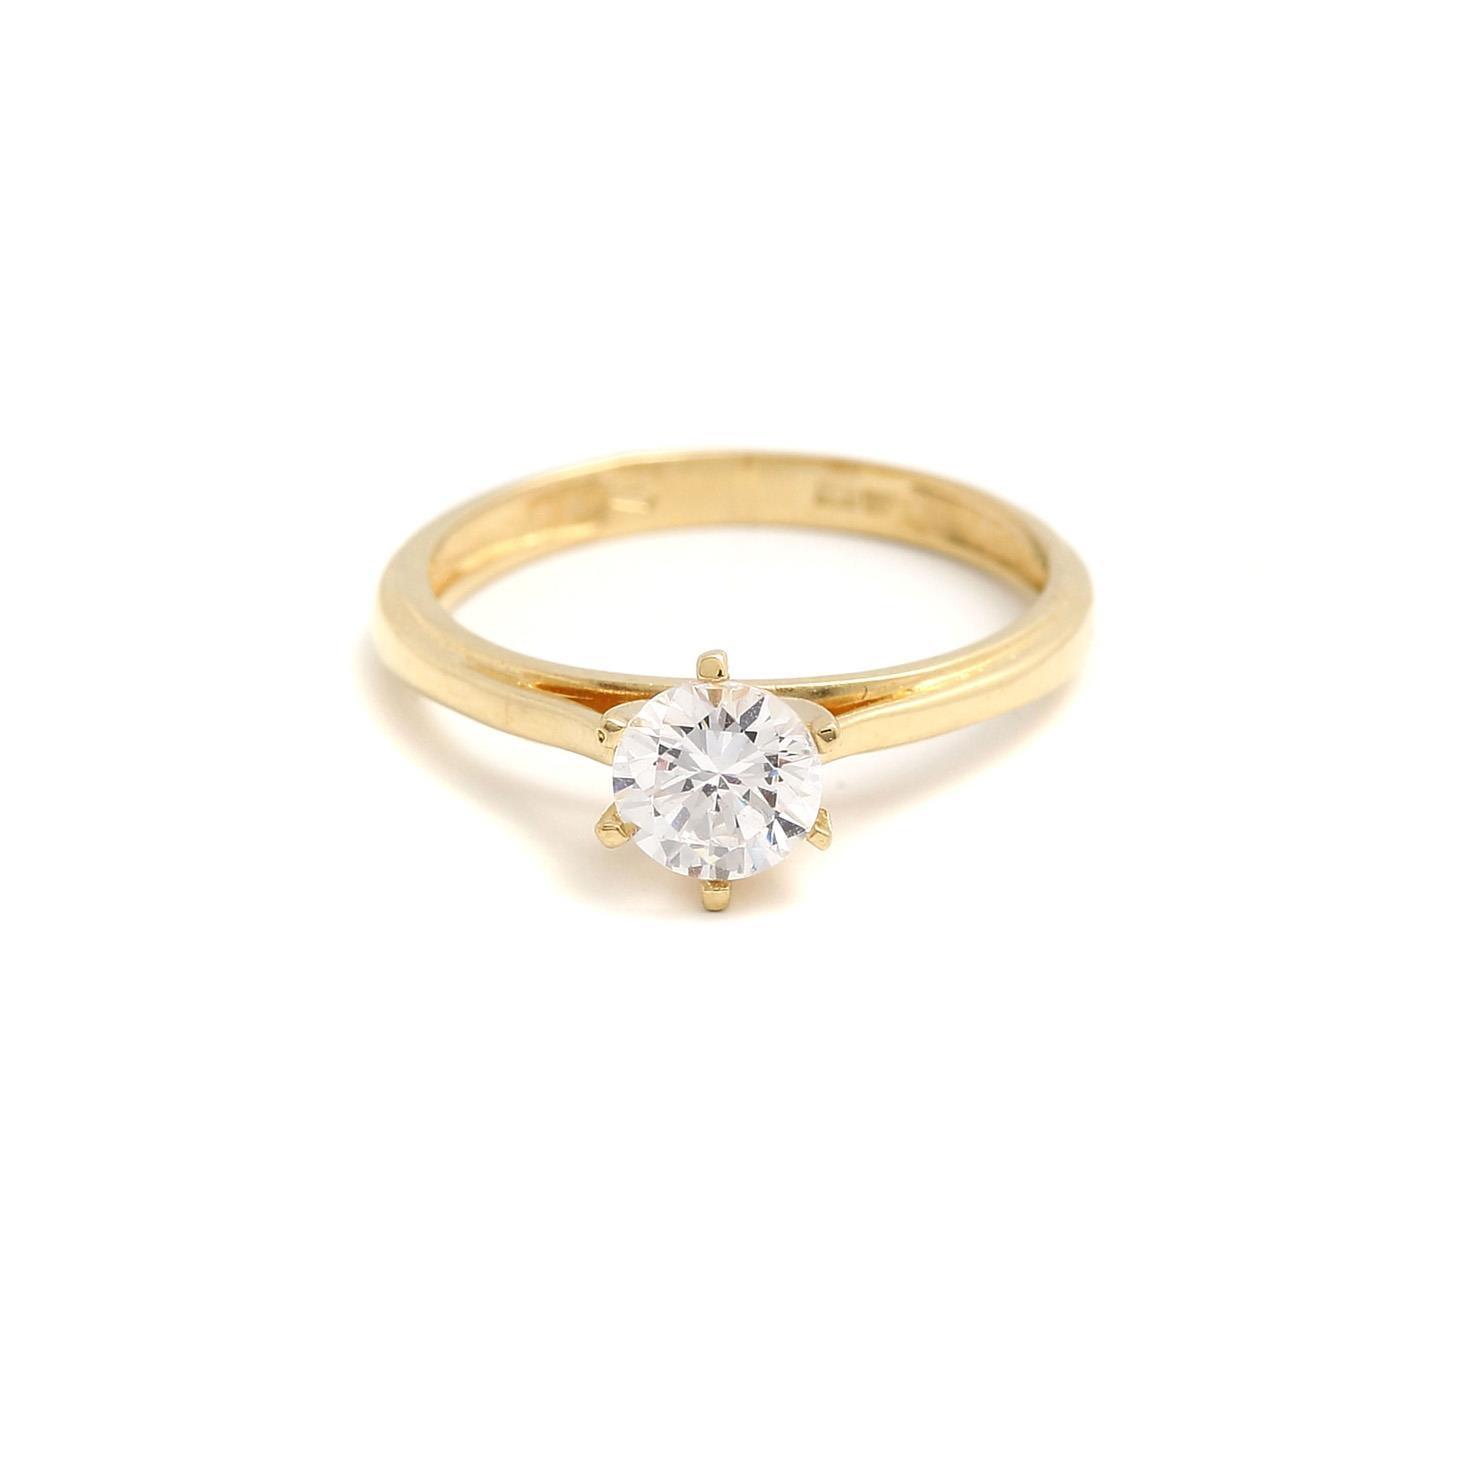 zlatý zásnubný prsteň clematis zlatý zásnubný prsteň clematis 1 ... 6eb498209a1